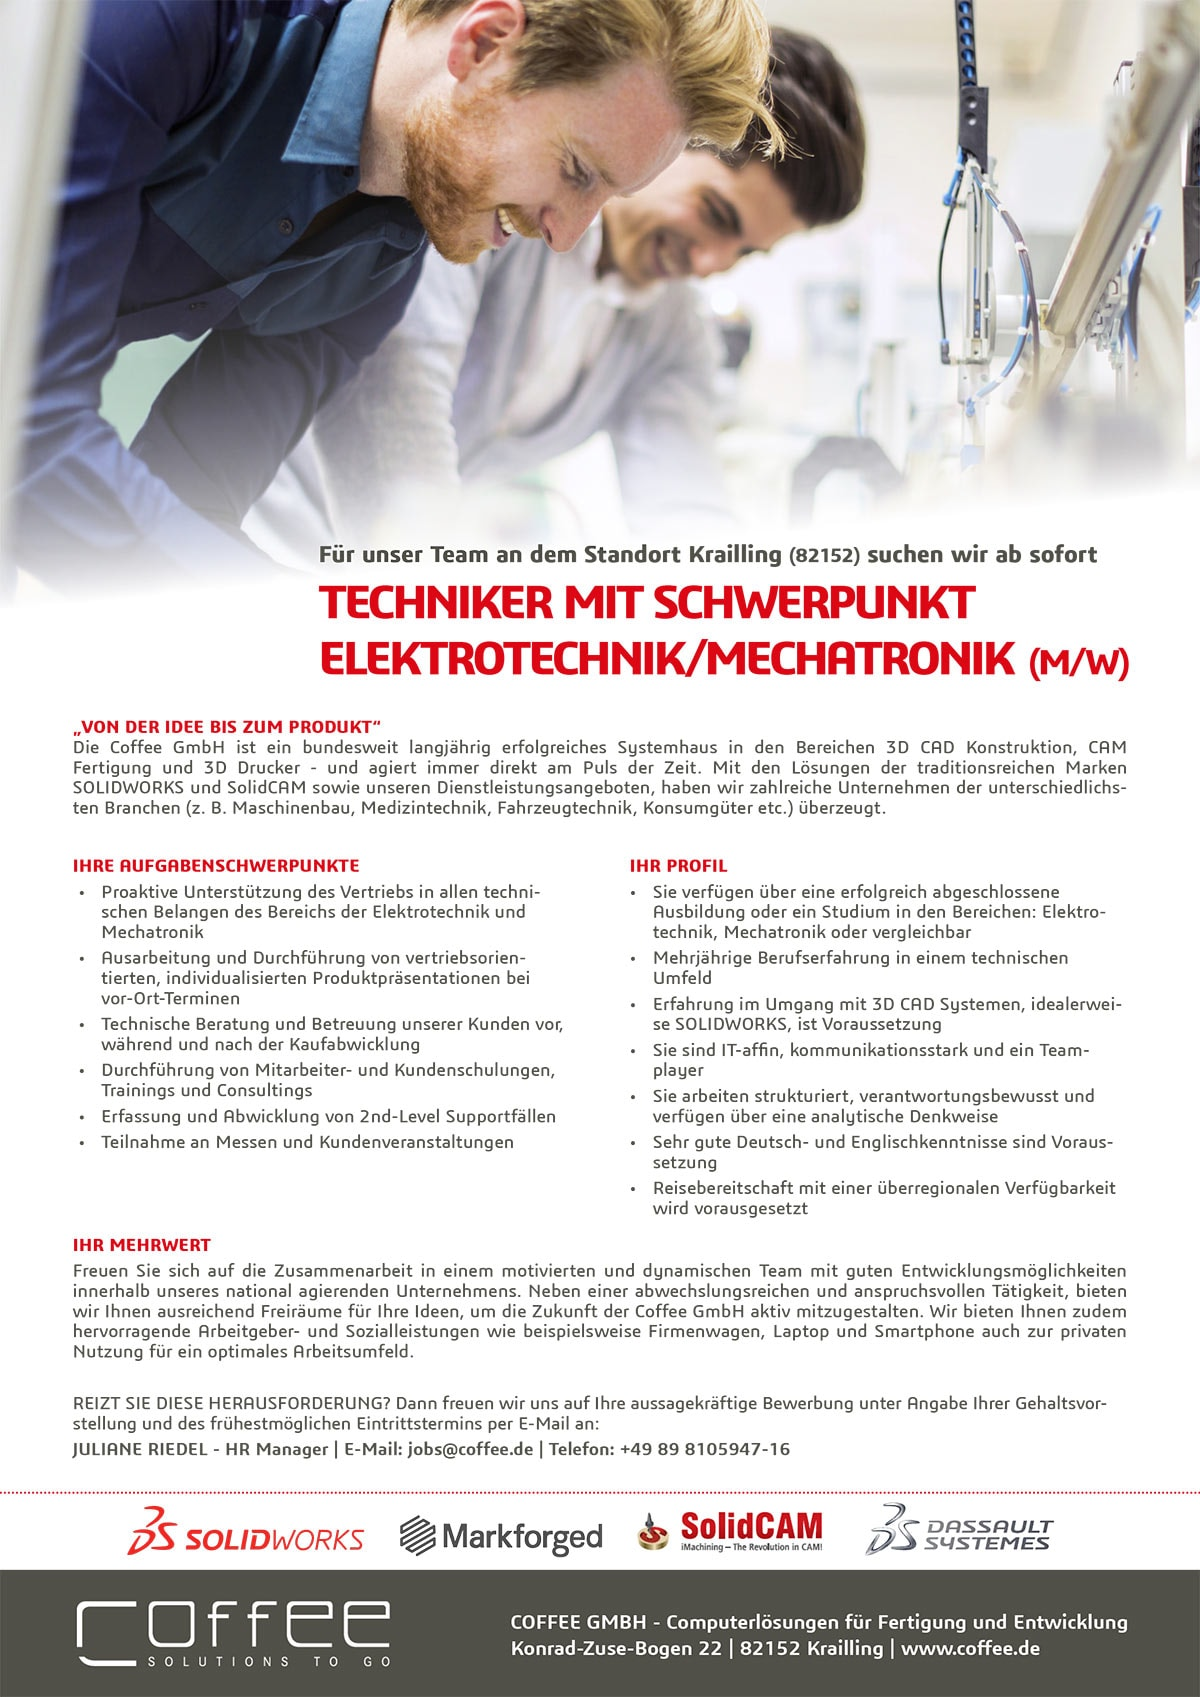 Stellenanzeige_Techniker-Electrical_0716_Krailling